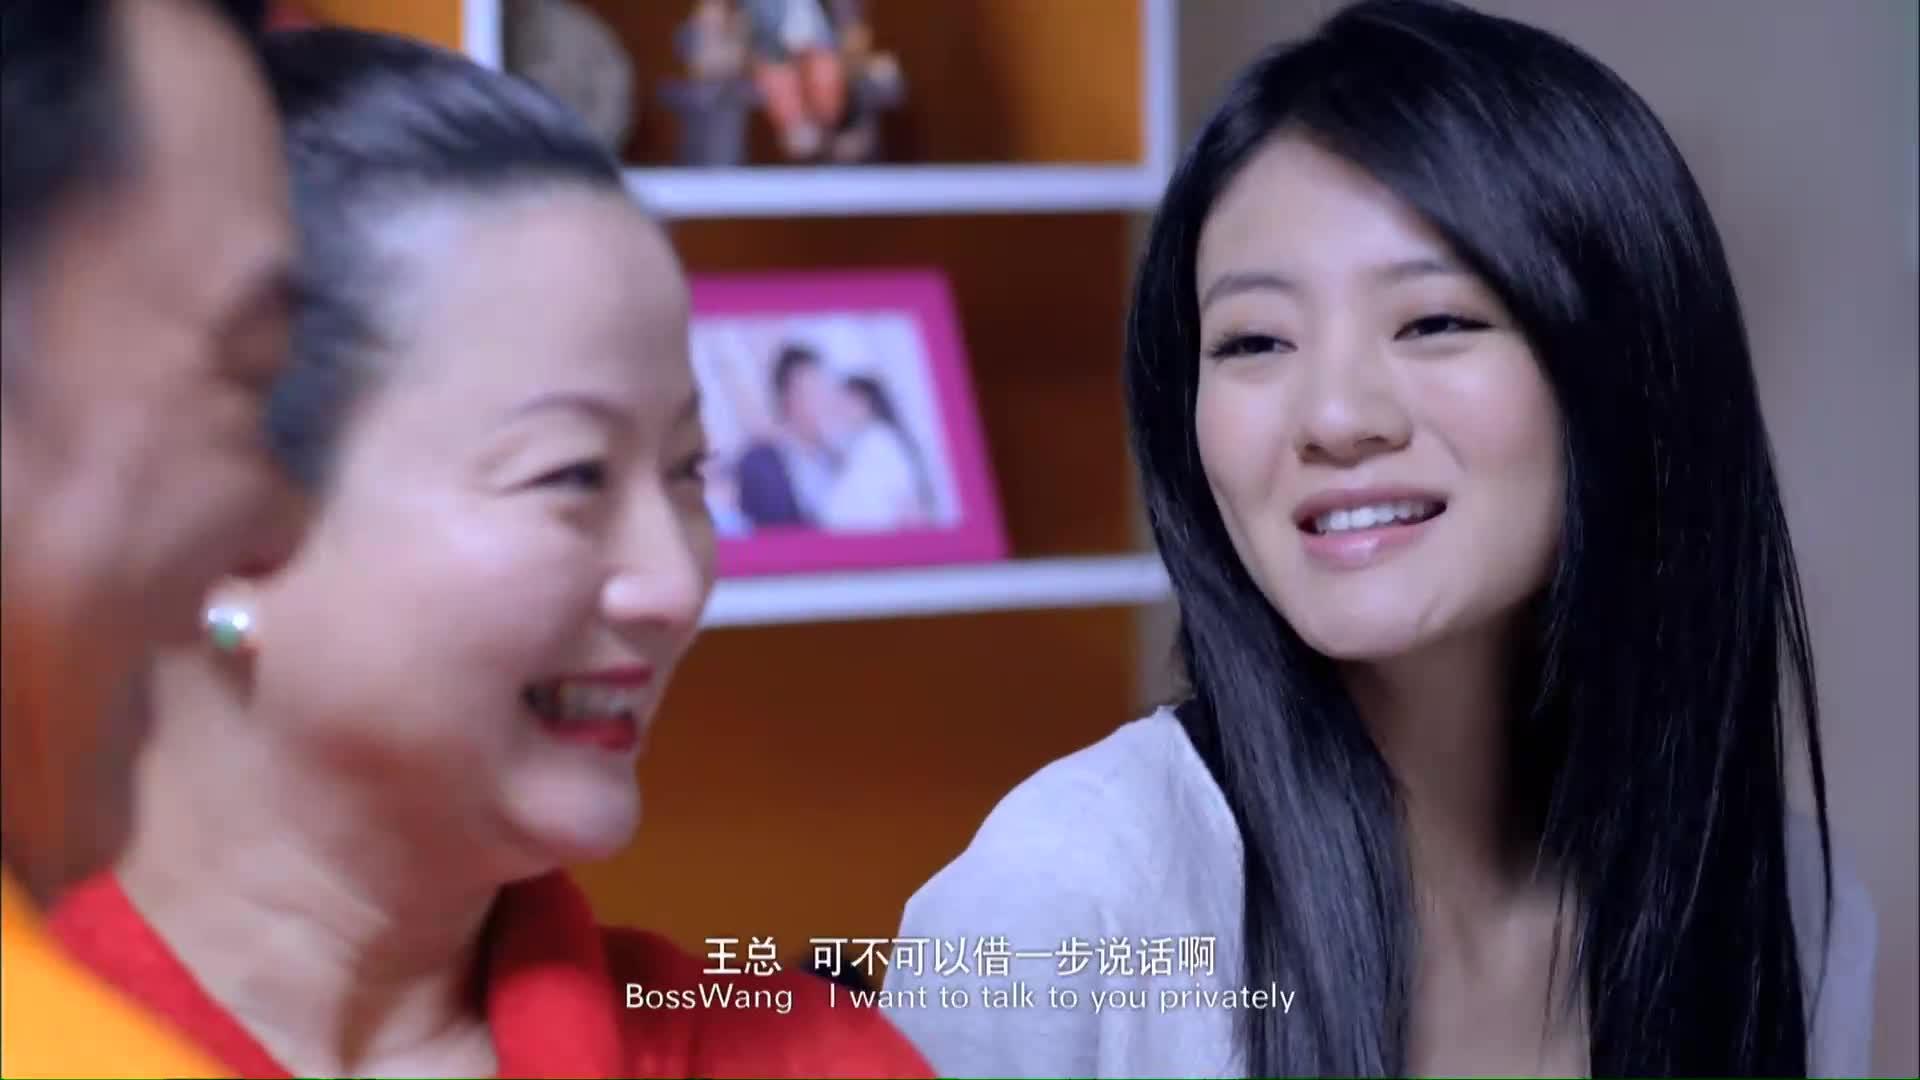 安以轩结婚直播妈妈不同意,女儿一句话妈妈立马开心的同意了?